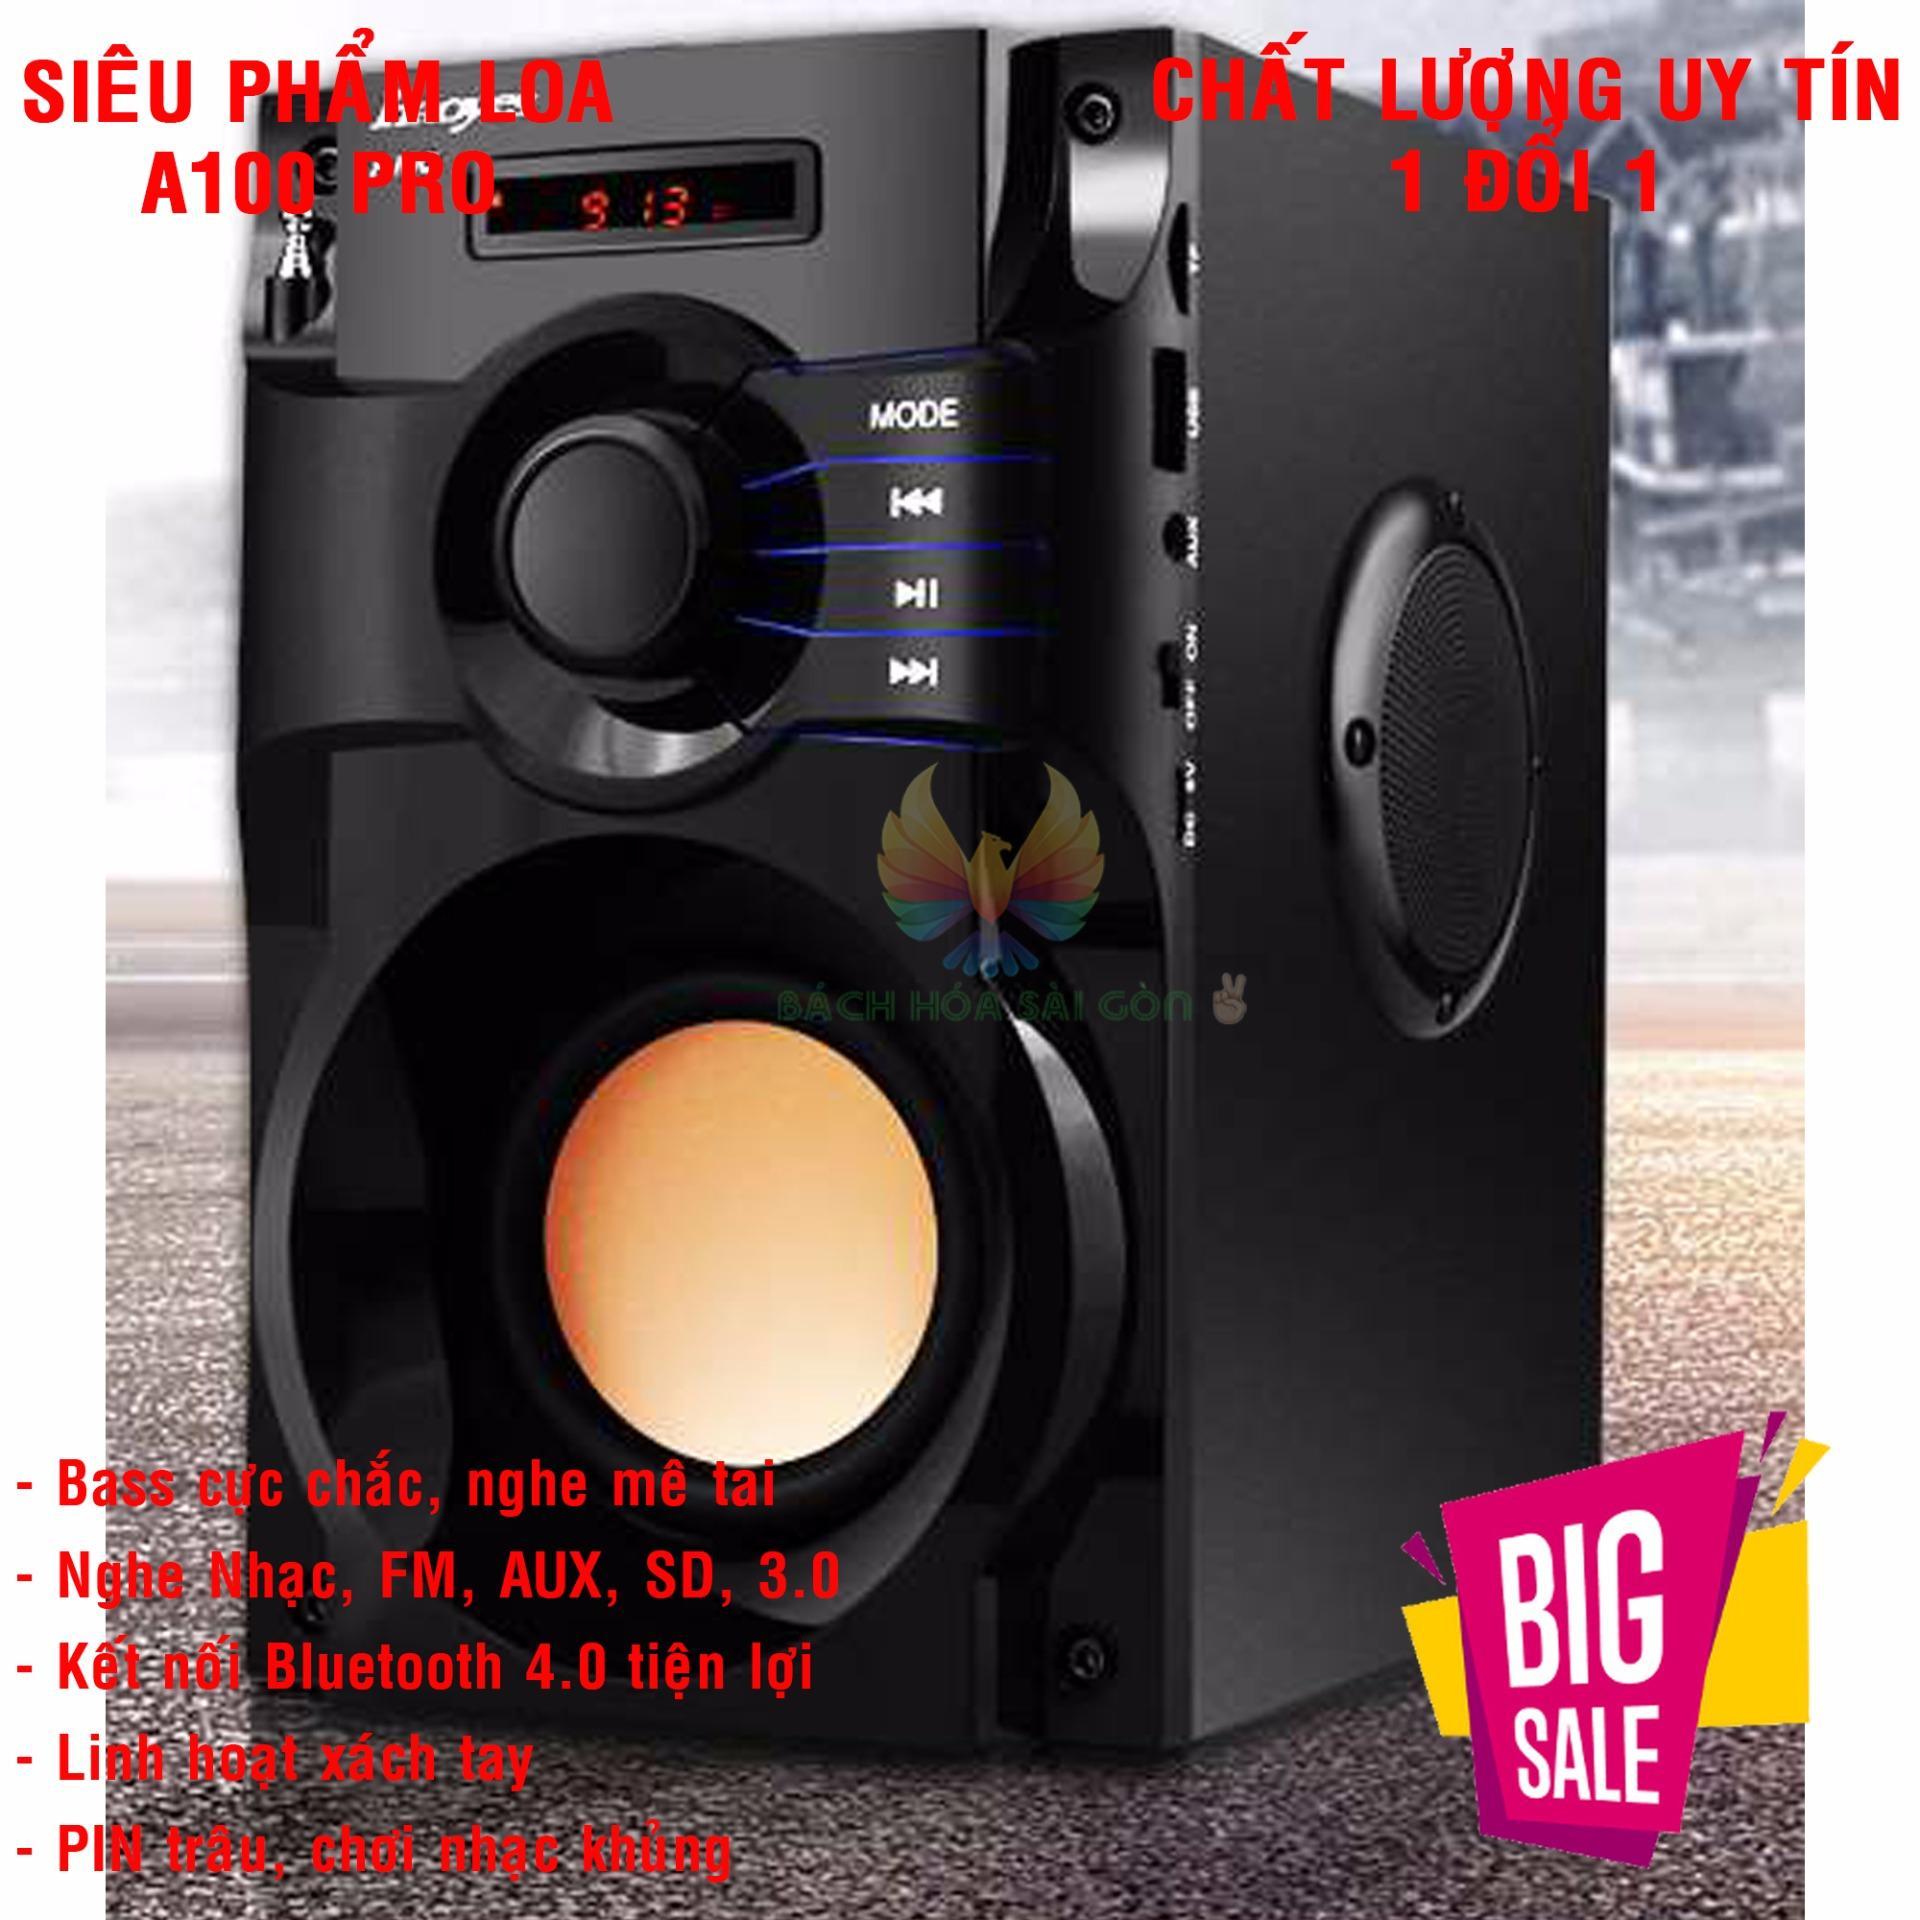 Hình ảnh Dan Am Thanh Karaoke Gia Dinh Loa Bluetooth Xách Tay Kiểu Dáng Nhỏ Gọn, Góc Cạnh Tinh Tế - Âm Thanh Siêu Bass Siêu Trầm - Hứa Hẹn Là Sản Phẩm Đáng Mua